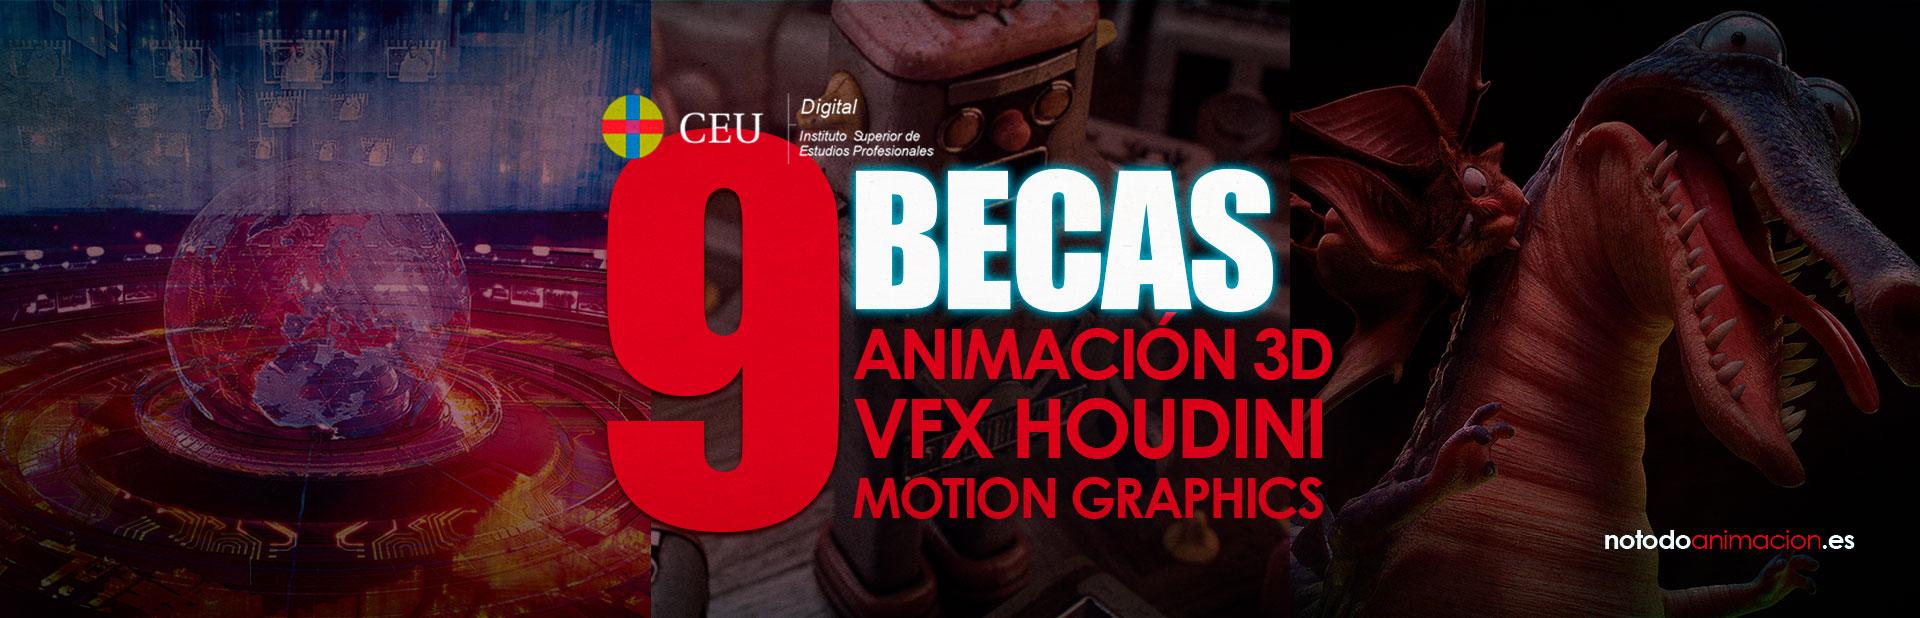 9 ÚNICAS BECAS para Estudiar Cine de Animación, Motion Graphics y VFX *SOLO HASTA EL 31 DE AGOSTO 2020